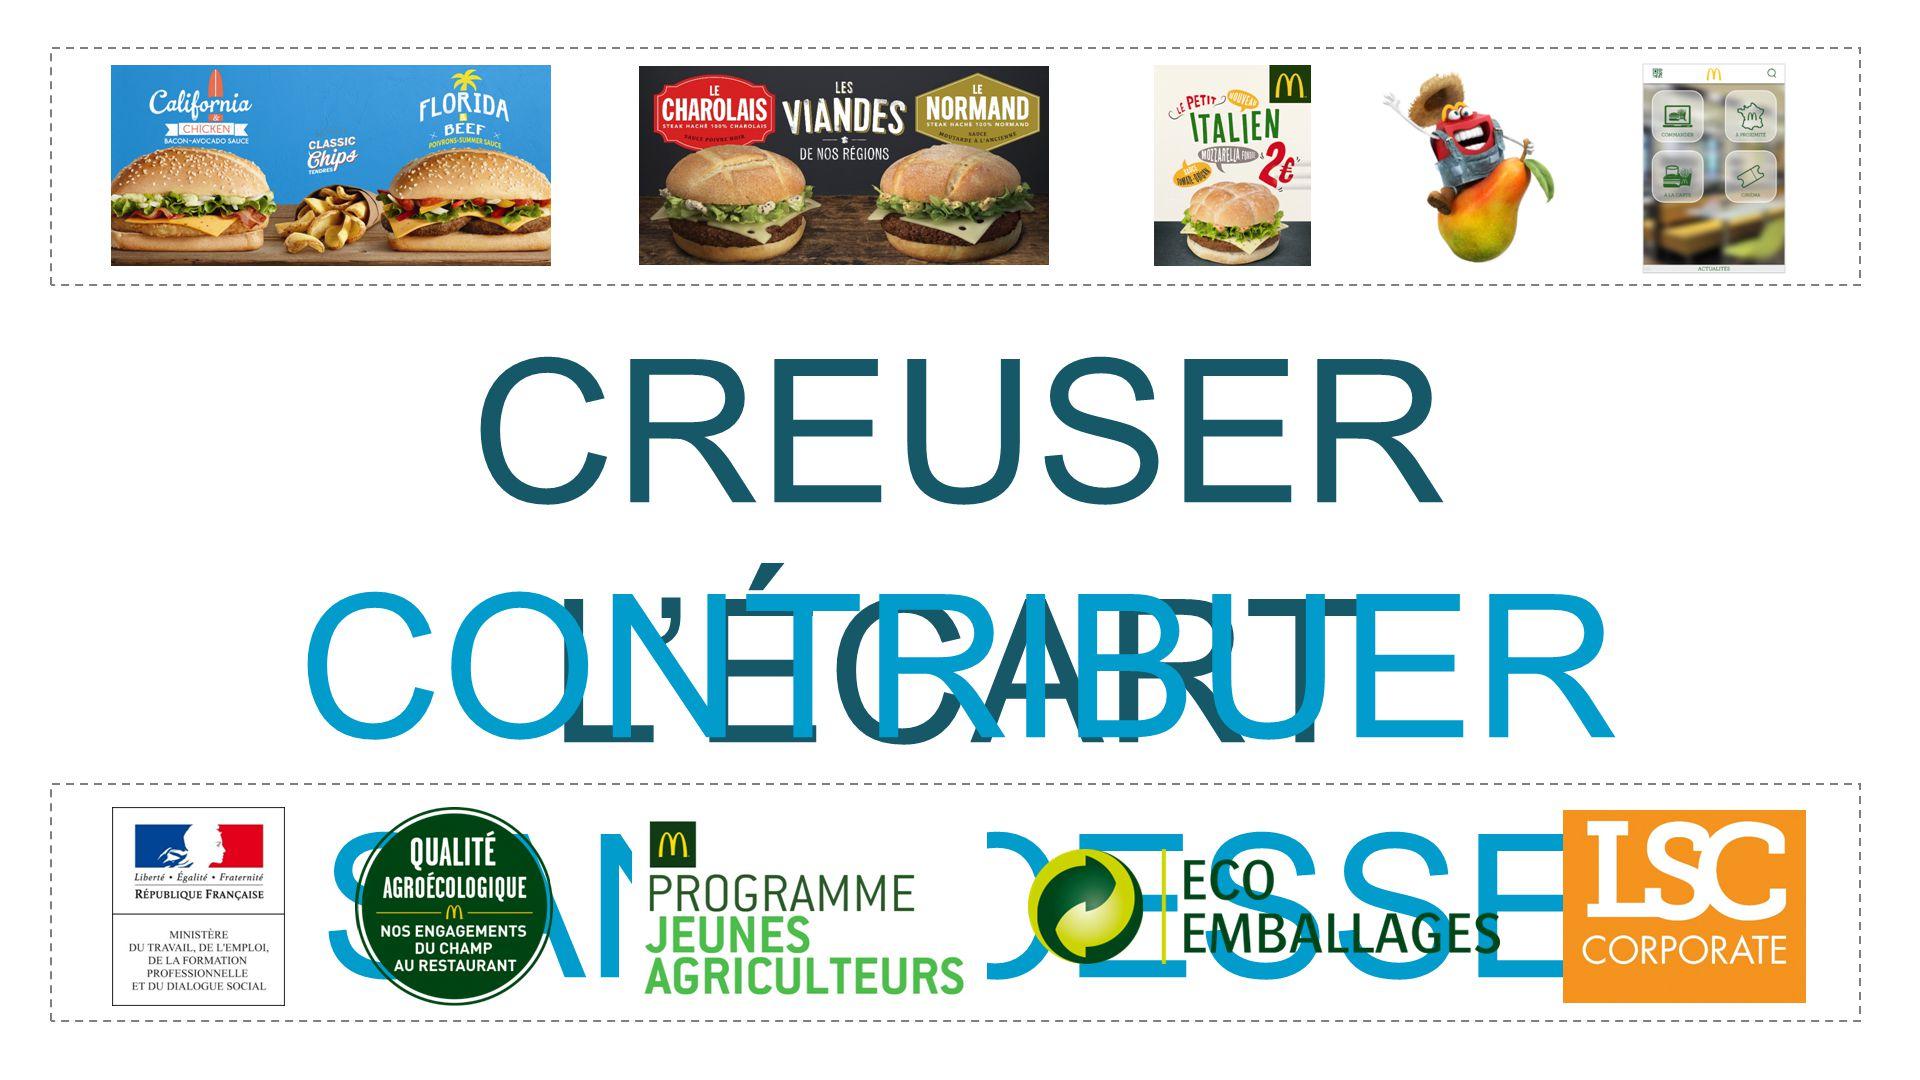 CREUSER L'ÉCART CONTRIBUER SANS CESSE